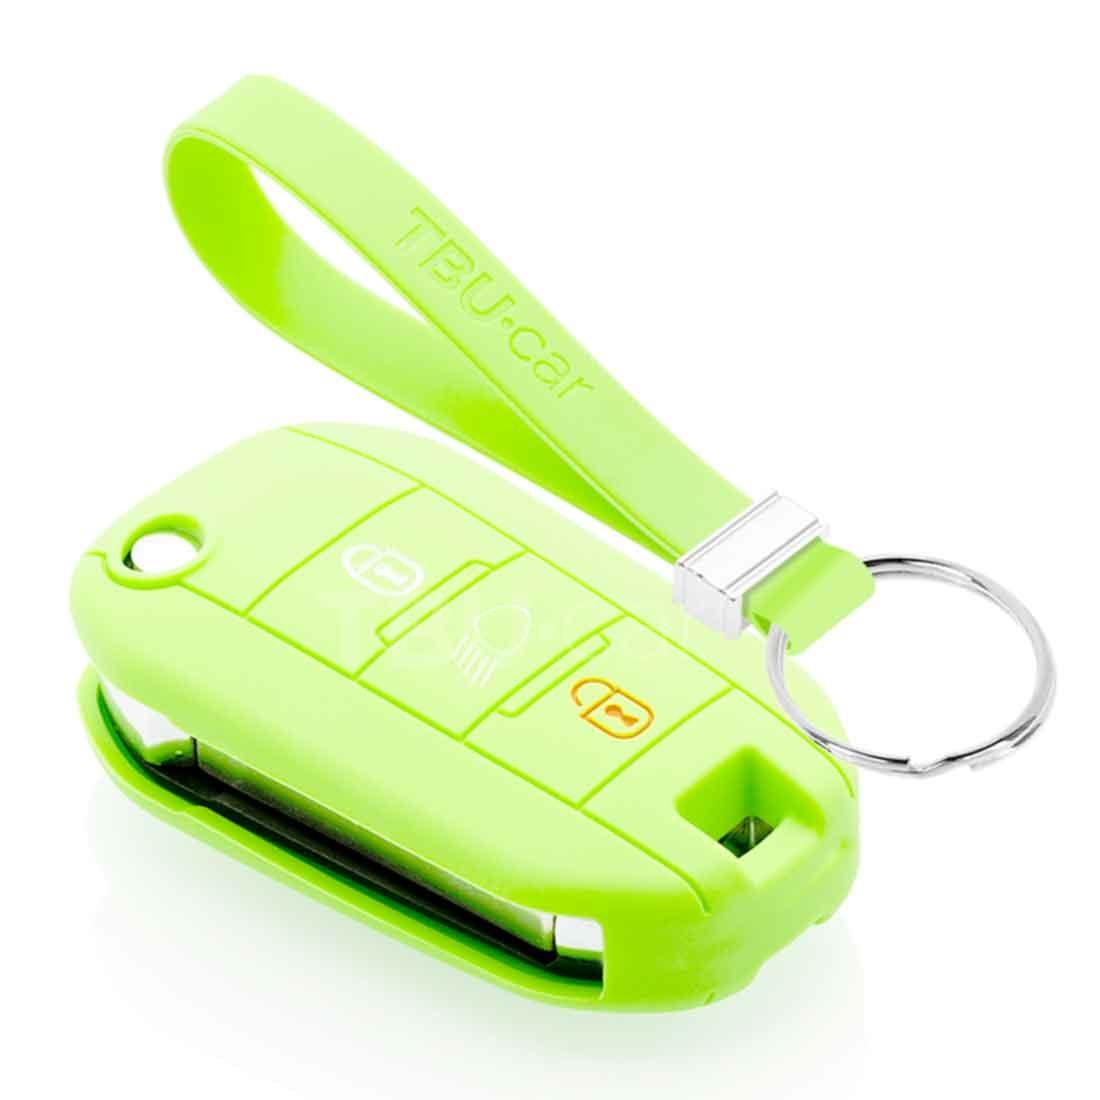 TBU car TBU car Sleutel cover compatibel met Citroën - Silicone sleutelhoesje - beschermhoesje autosleutel - Glow in the Dark